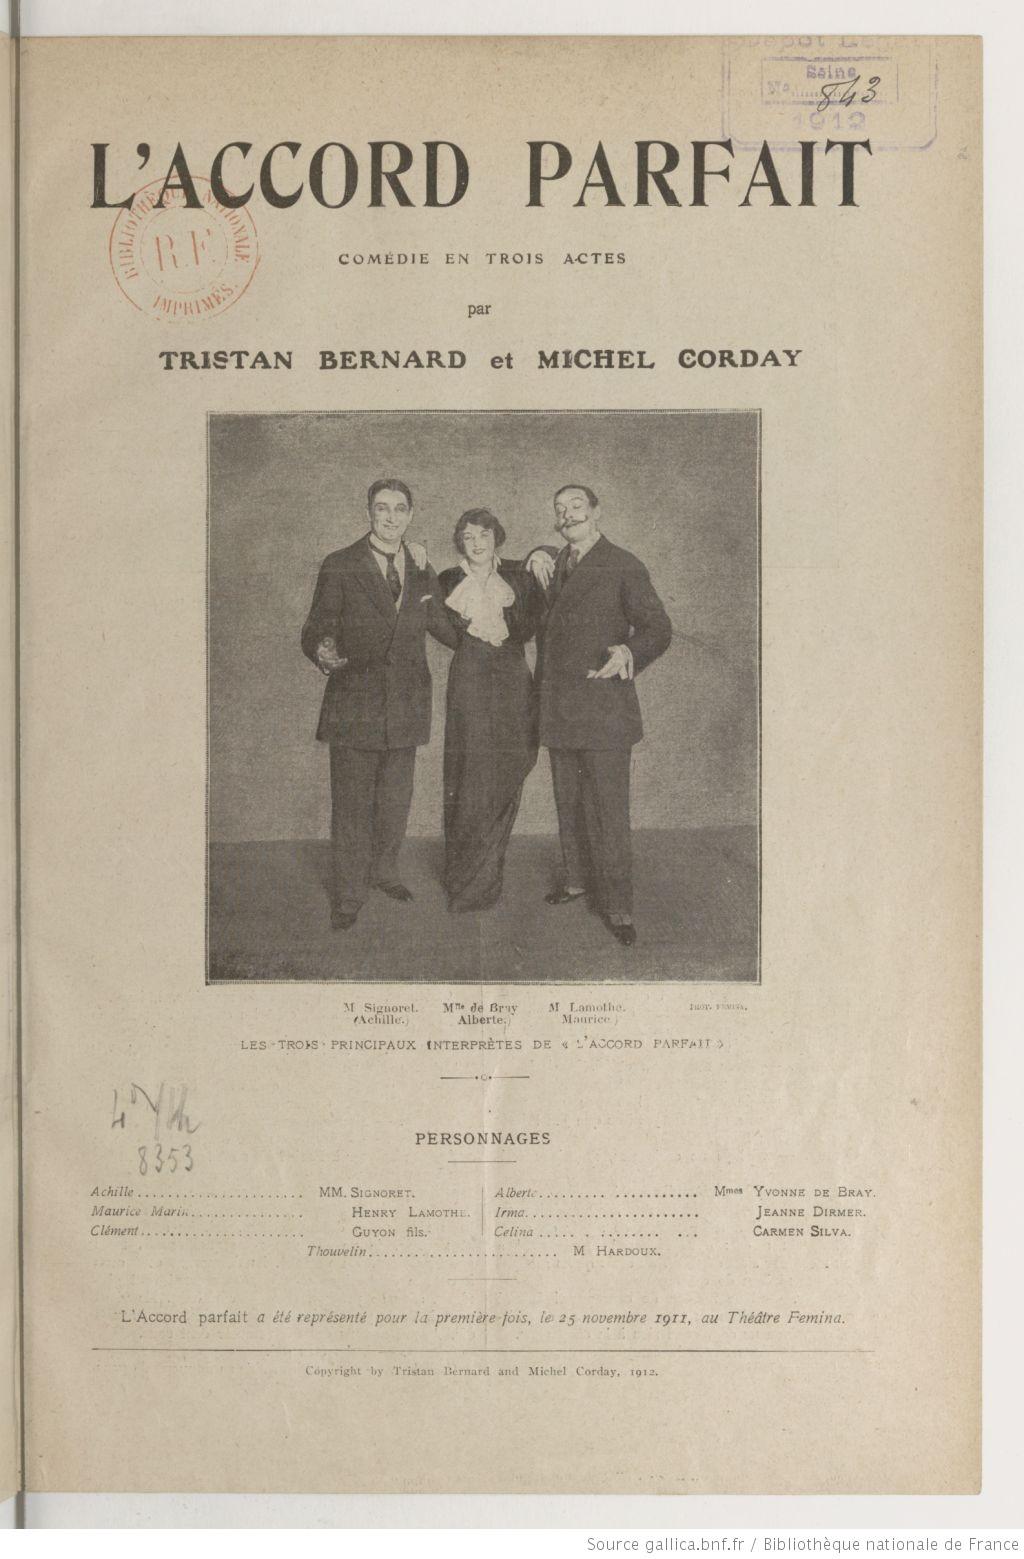 L'Accord parfait de Tristan Bernard et Michel Corday